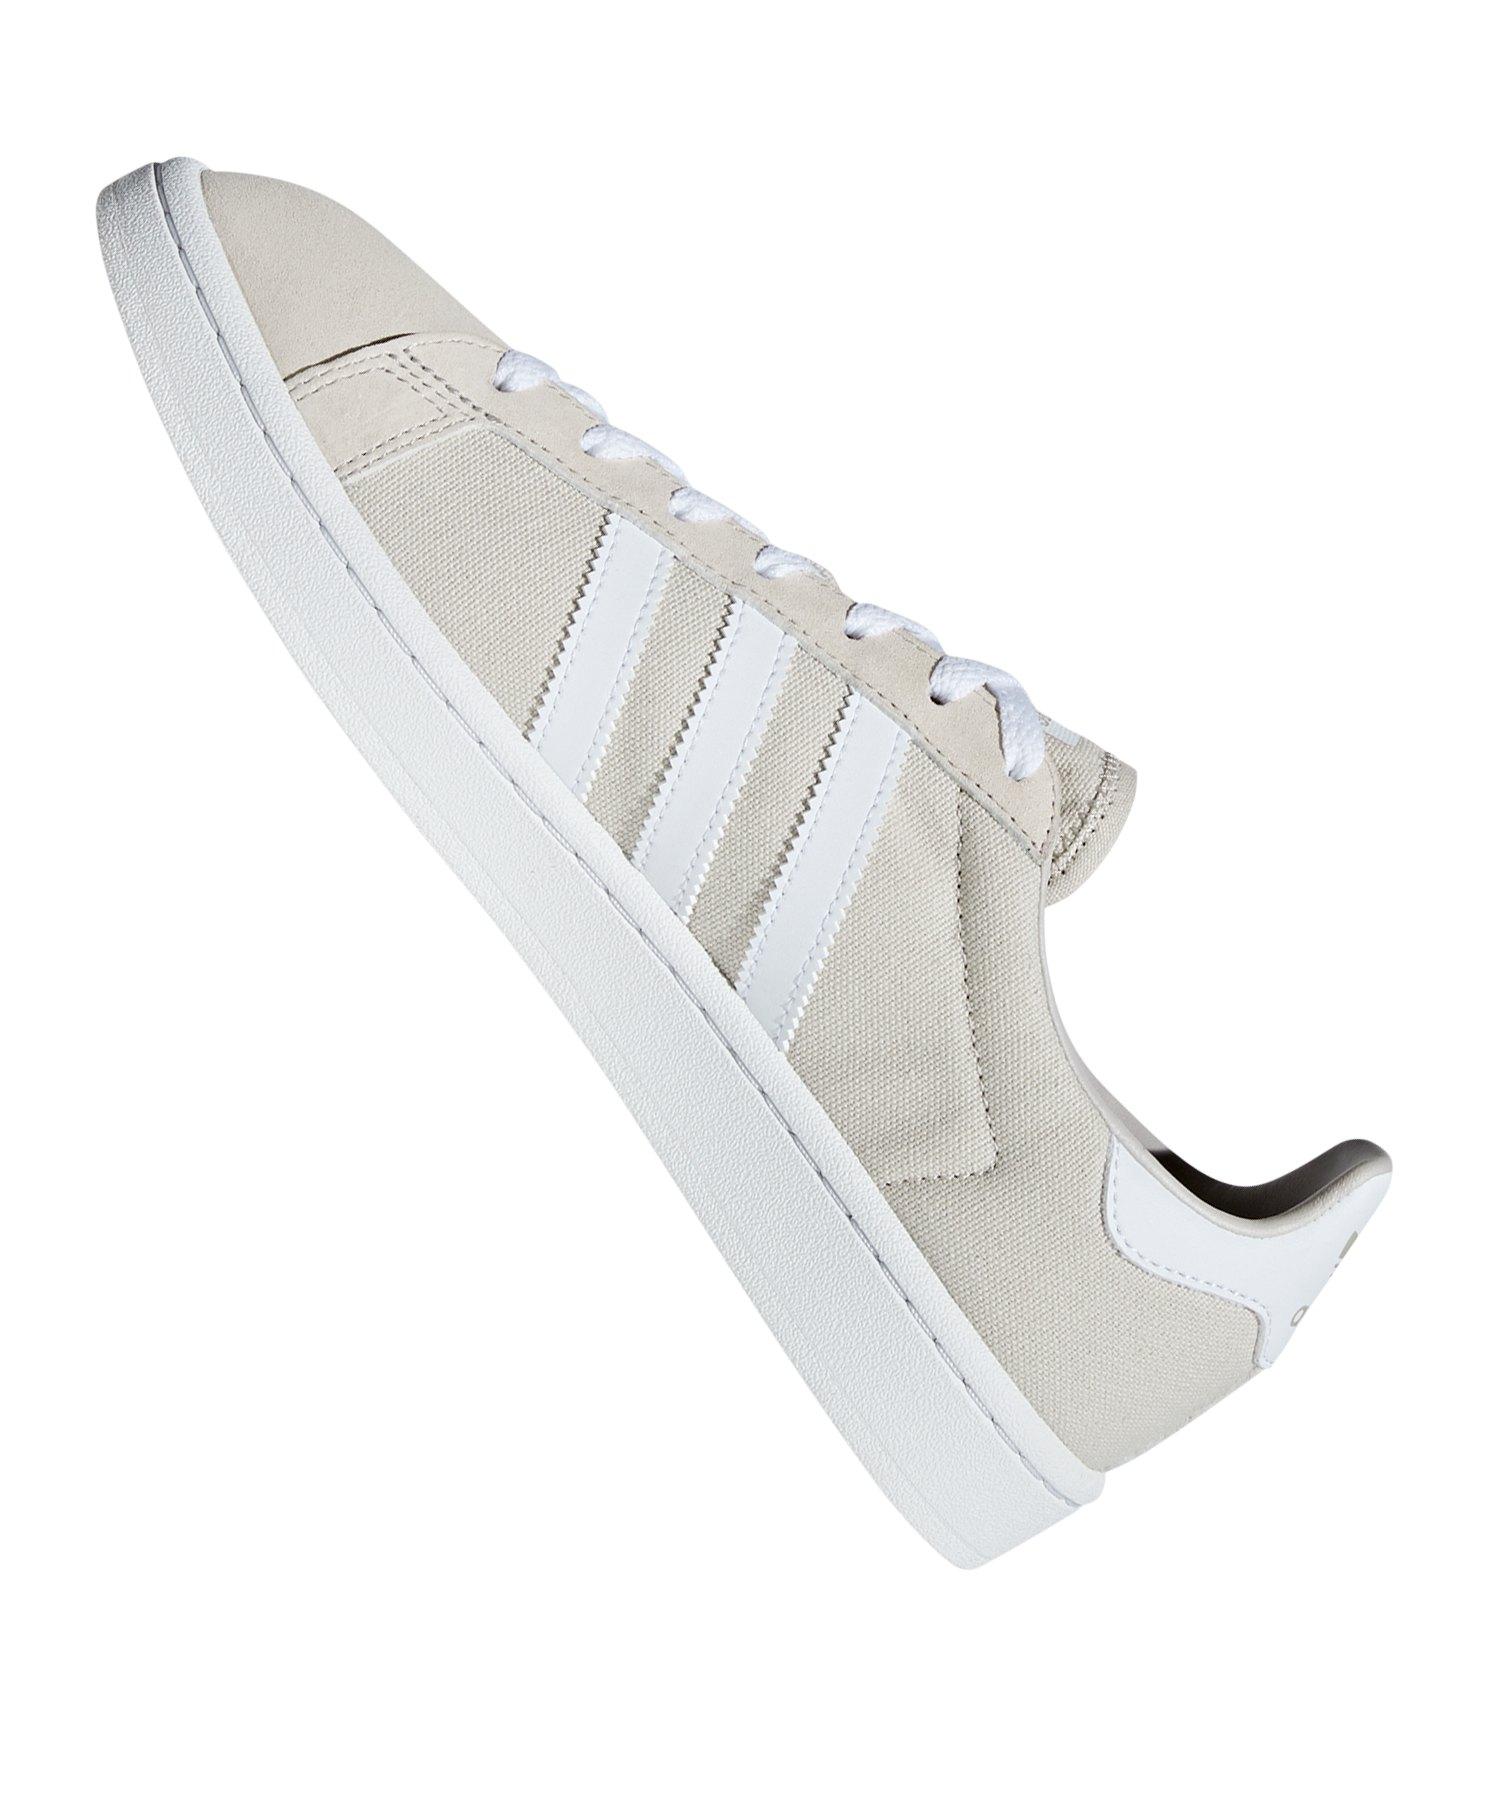 adidas Originals Campus Sneaker Braun Weiss